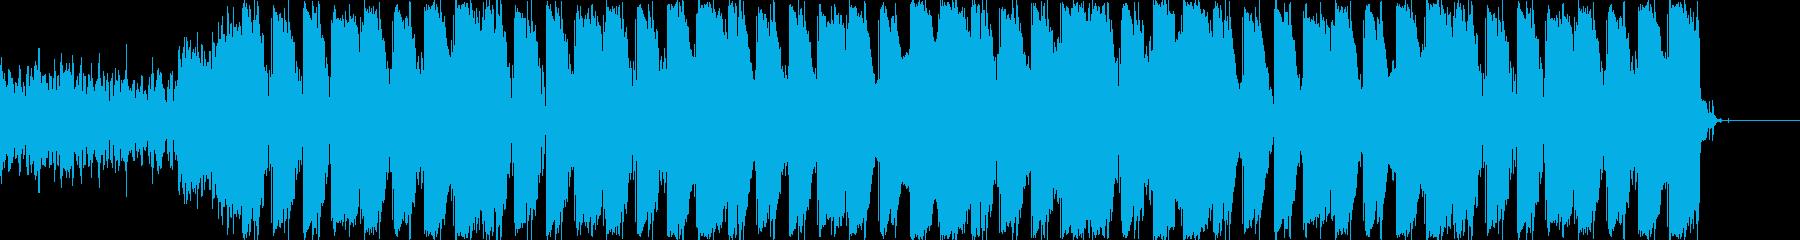 イギリスのアンダーグラウンドミュー...の再生済みの波形